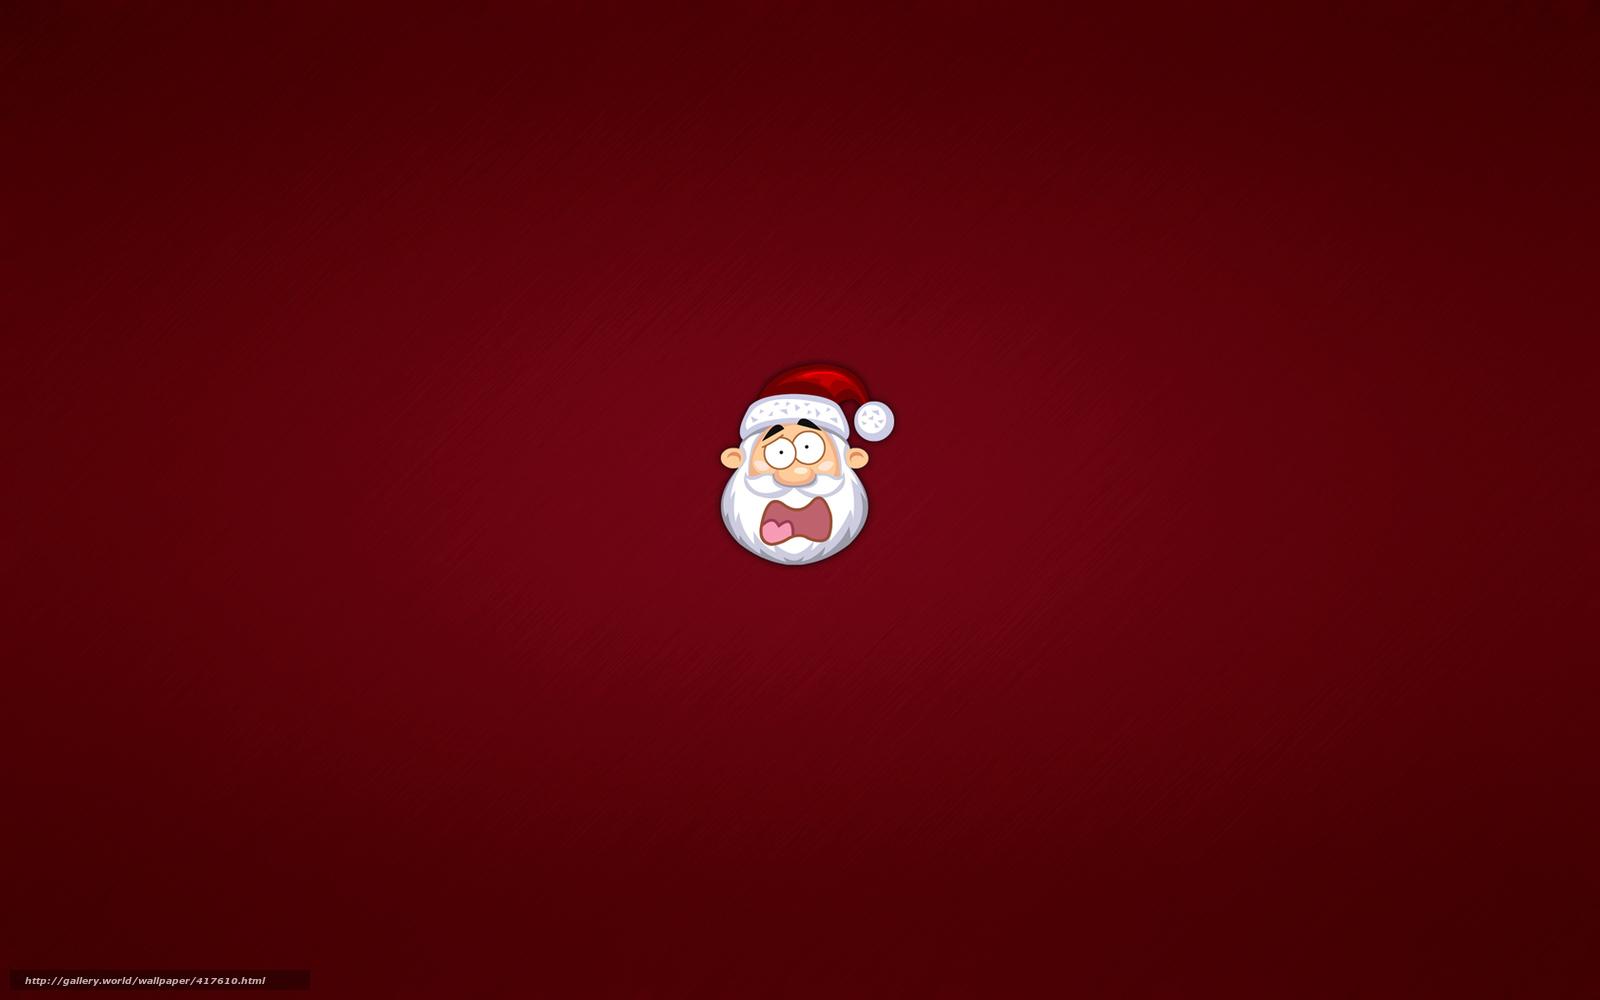 Скачать обои дед мороз,  санта клаус,  новый год,  голова бесплатно для рабочего стола в разрешении 1680x1050 — картинка №417610